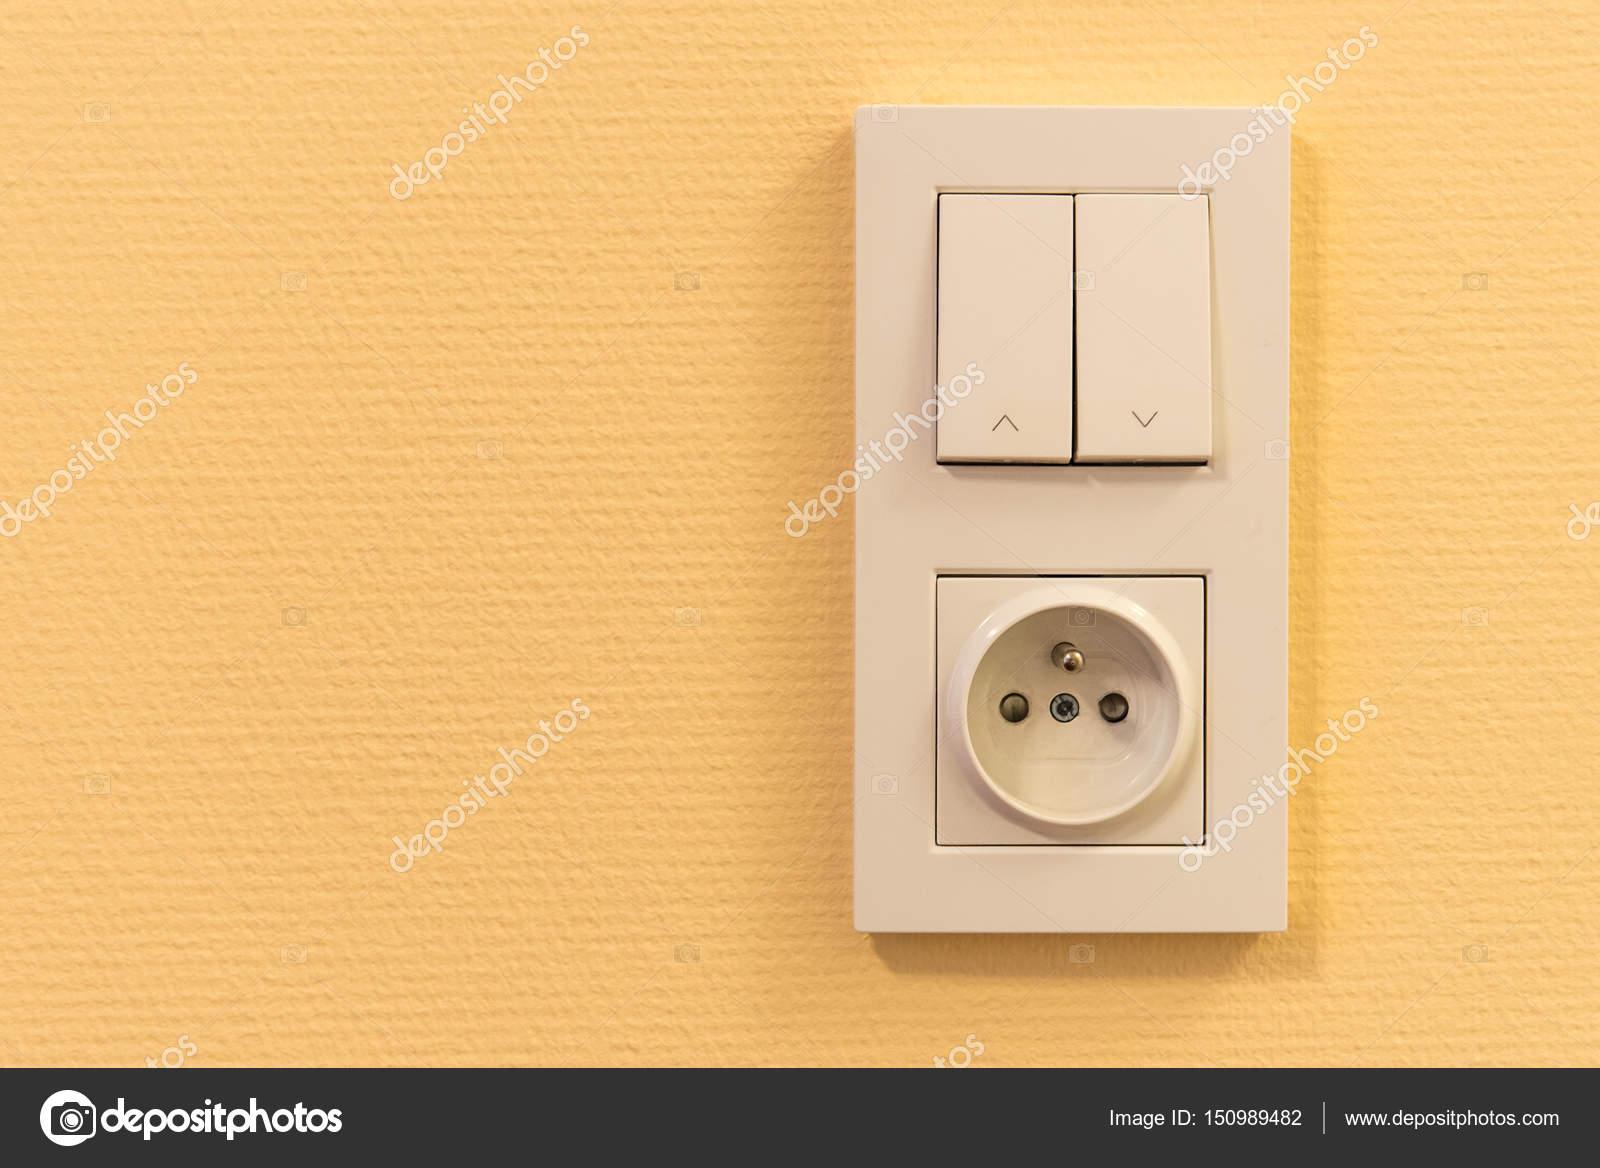 Lichtschalter und Steckdose im Rahmen an der Wand — Stockfoto ...